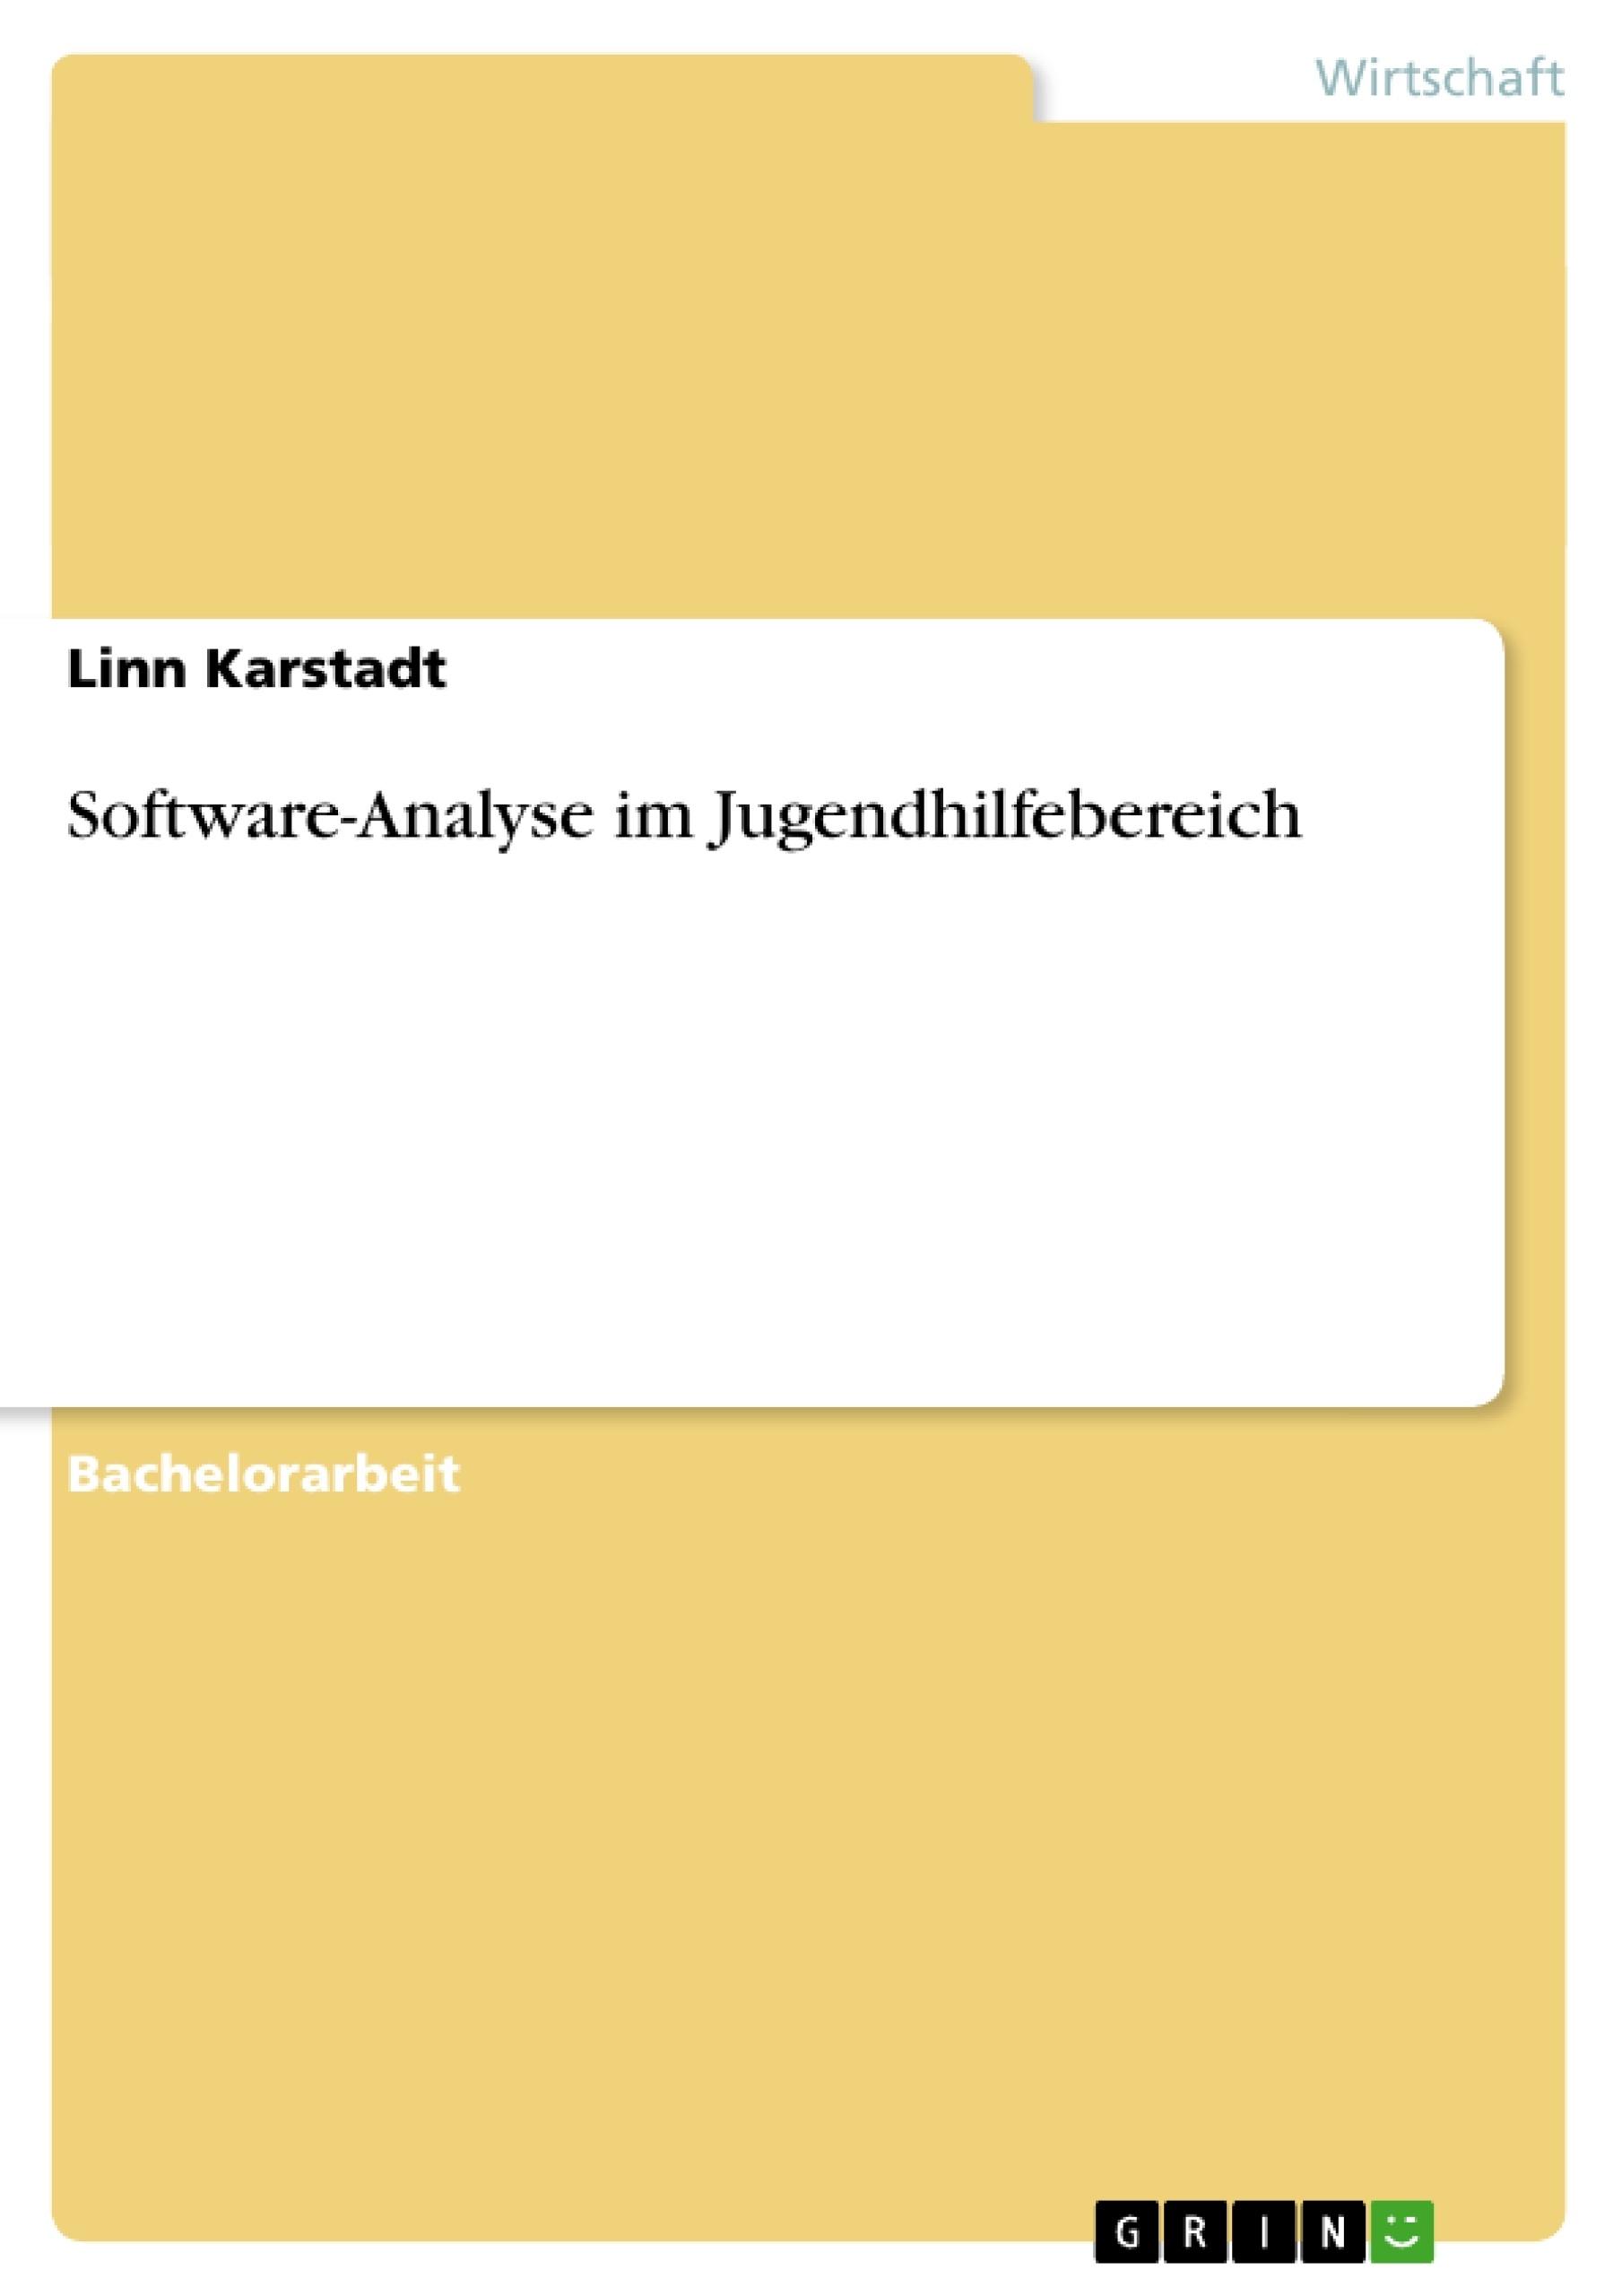 Titel: Software-Analyse im Jugendhilfebereich